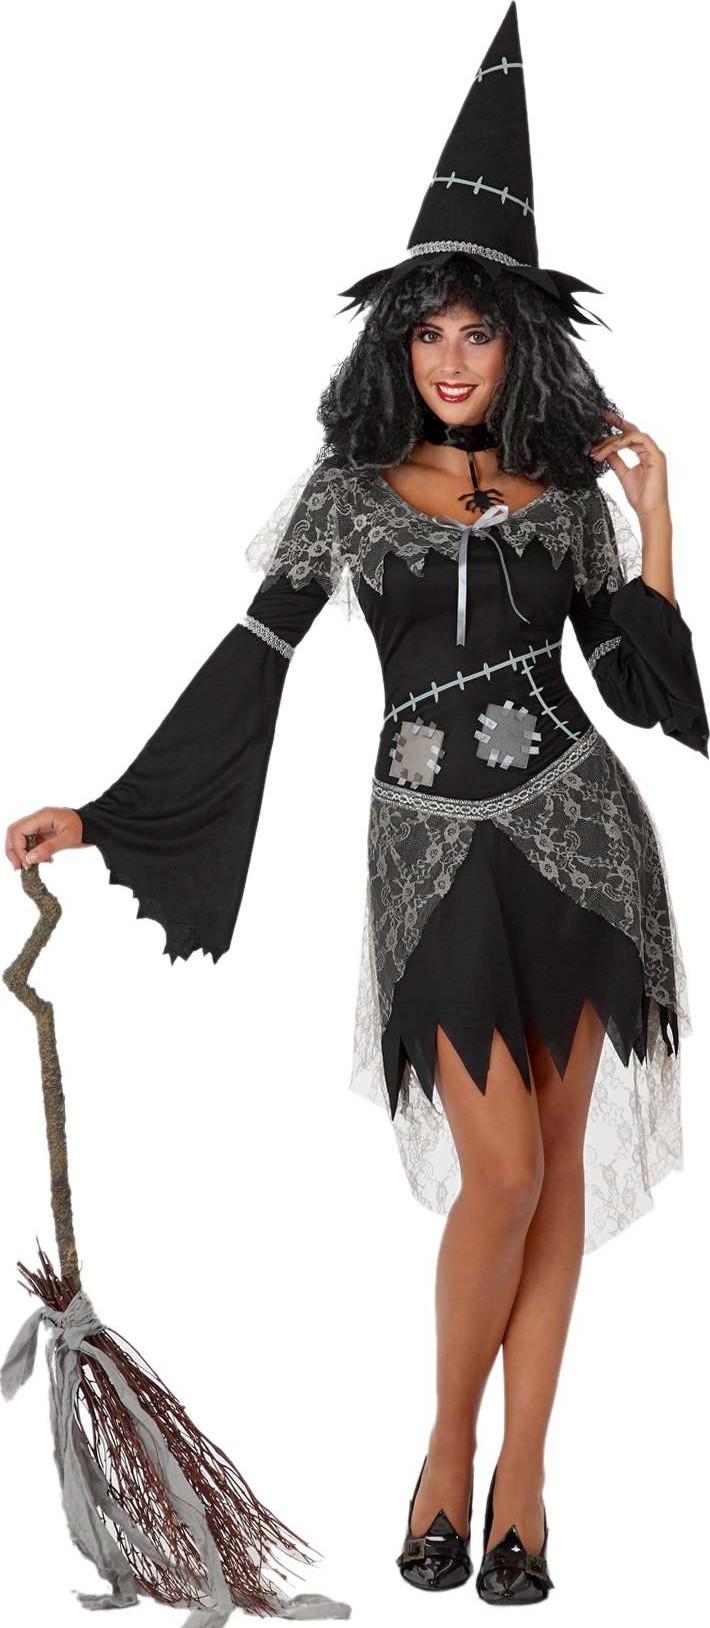 p halloween schwarze und graue hexe kostum fur damen halloween type=product